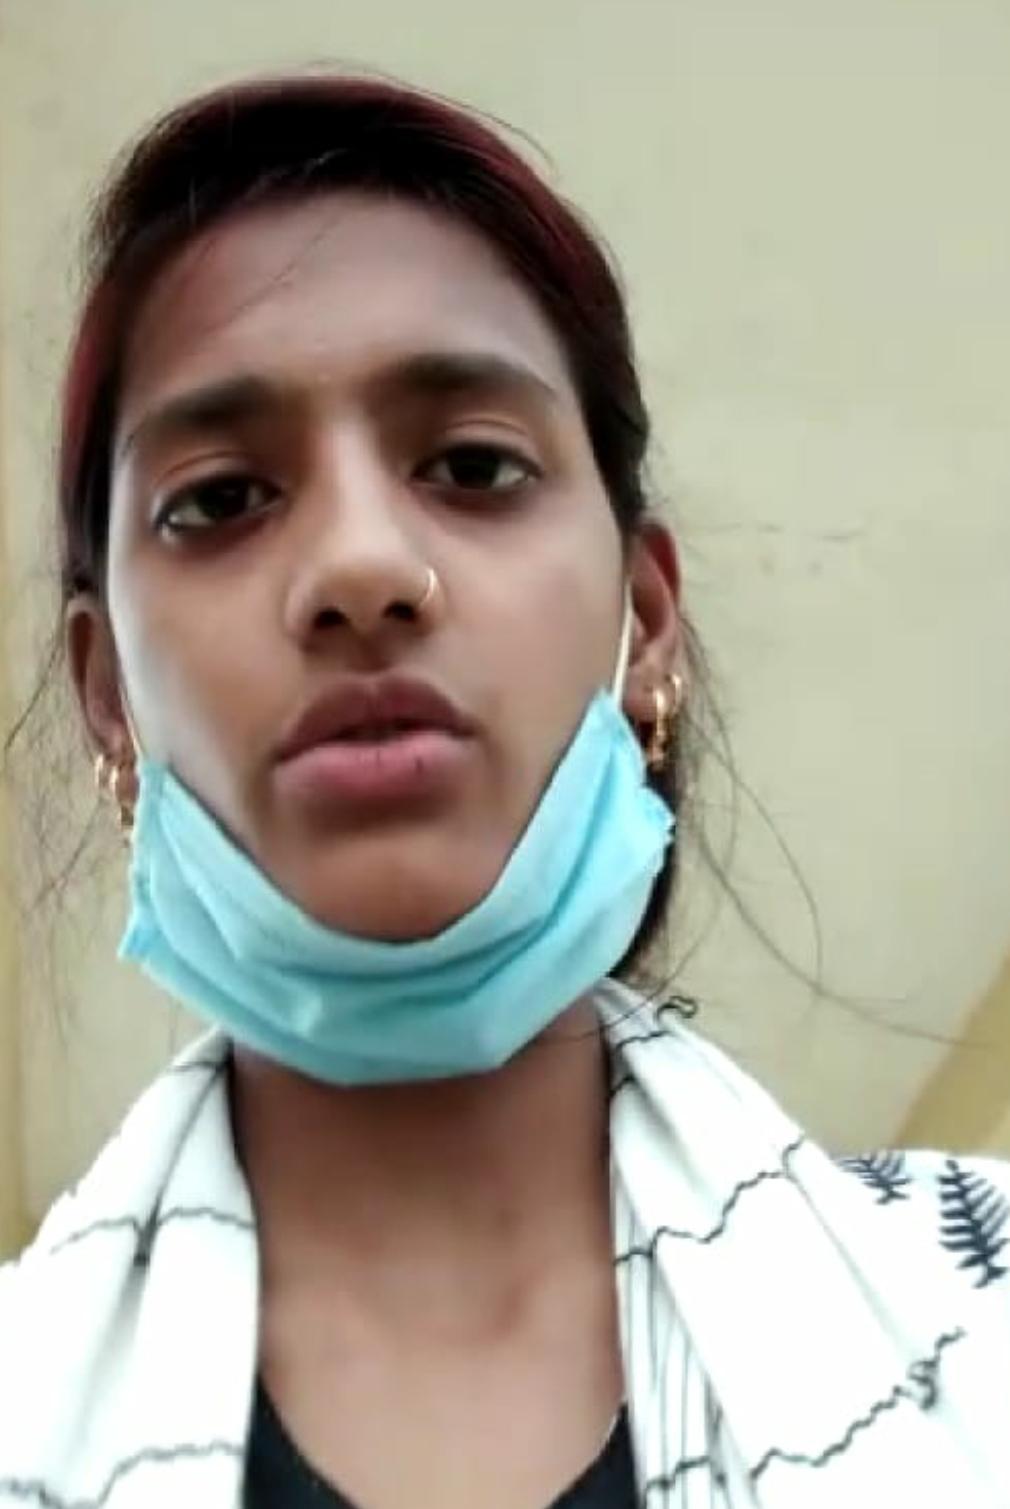 मेडिकल कॉलेज की छत से कूदी कोविड ड्यूटी में लगी मेडिकल छात्रा, प्रबन्धन पर लगाए बड़े गंभीर आरोप